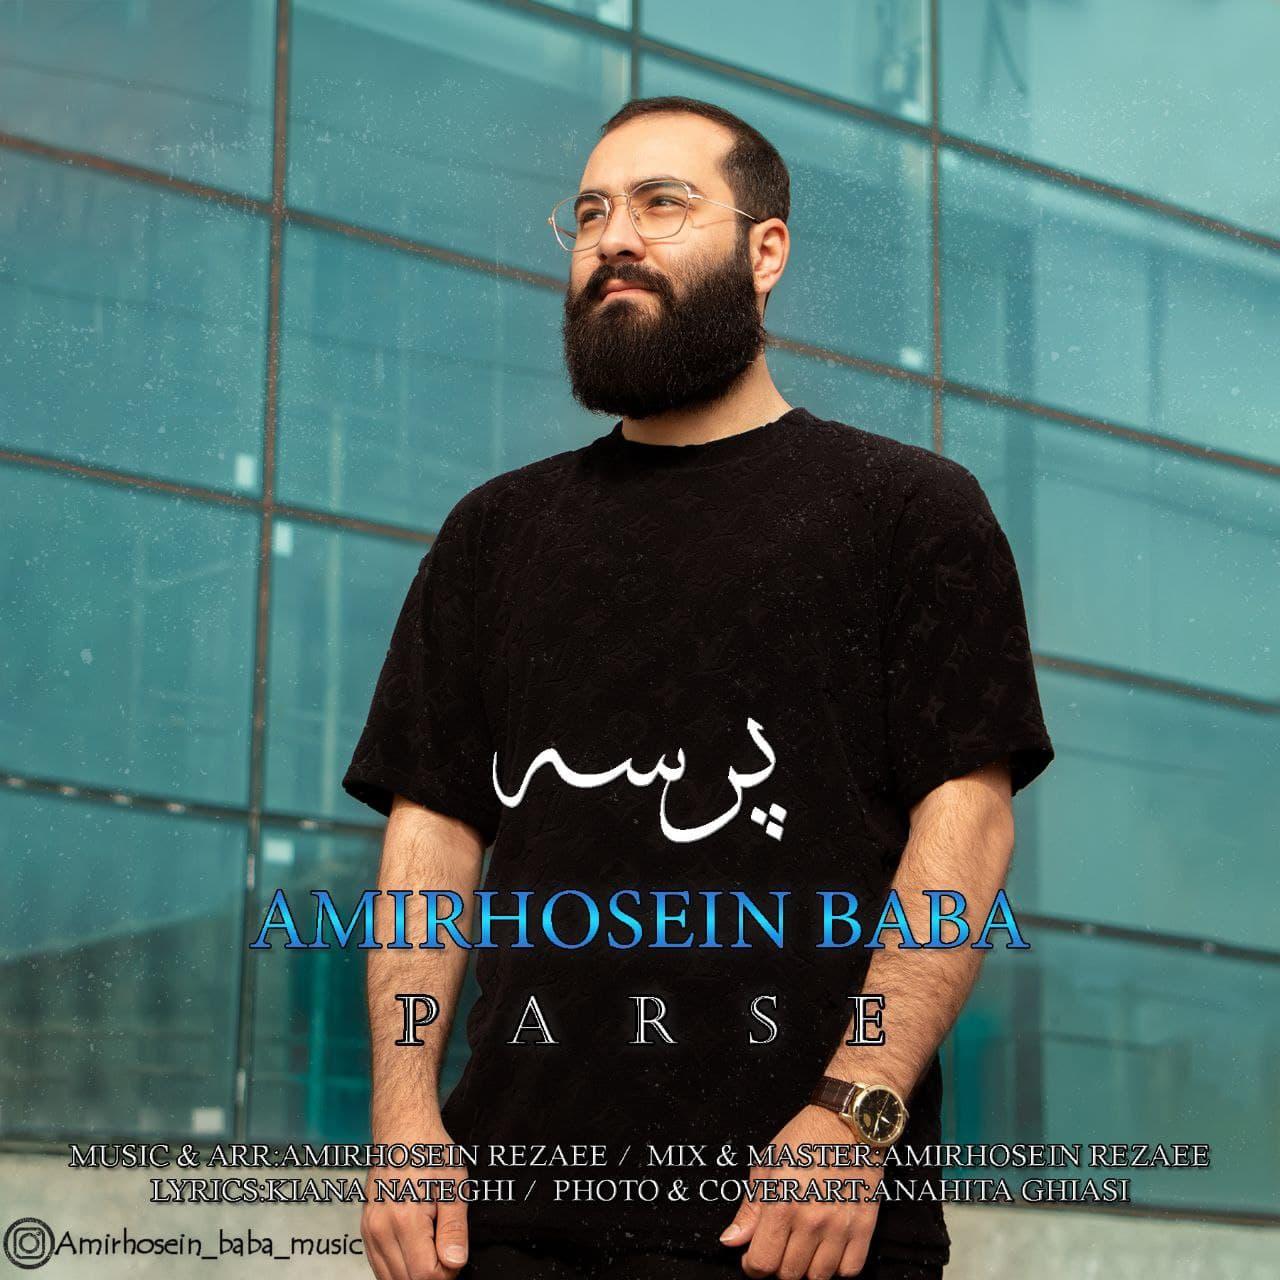 Amirhosein Baba – Parse